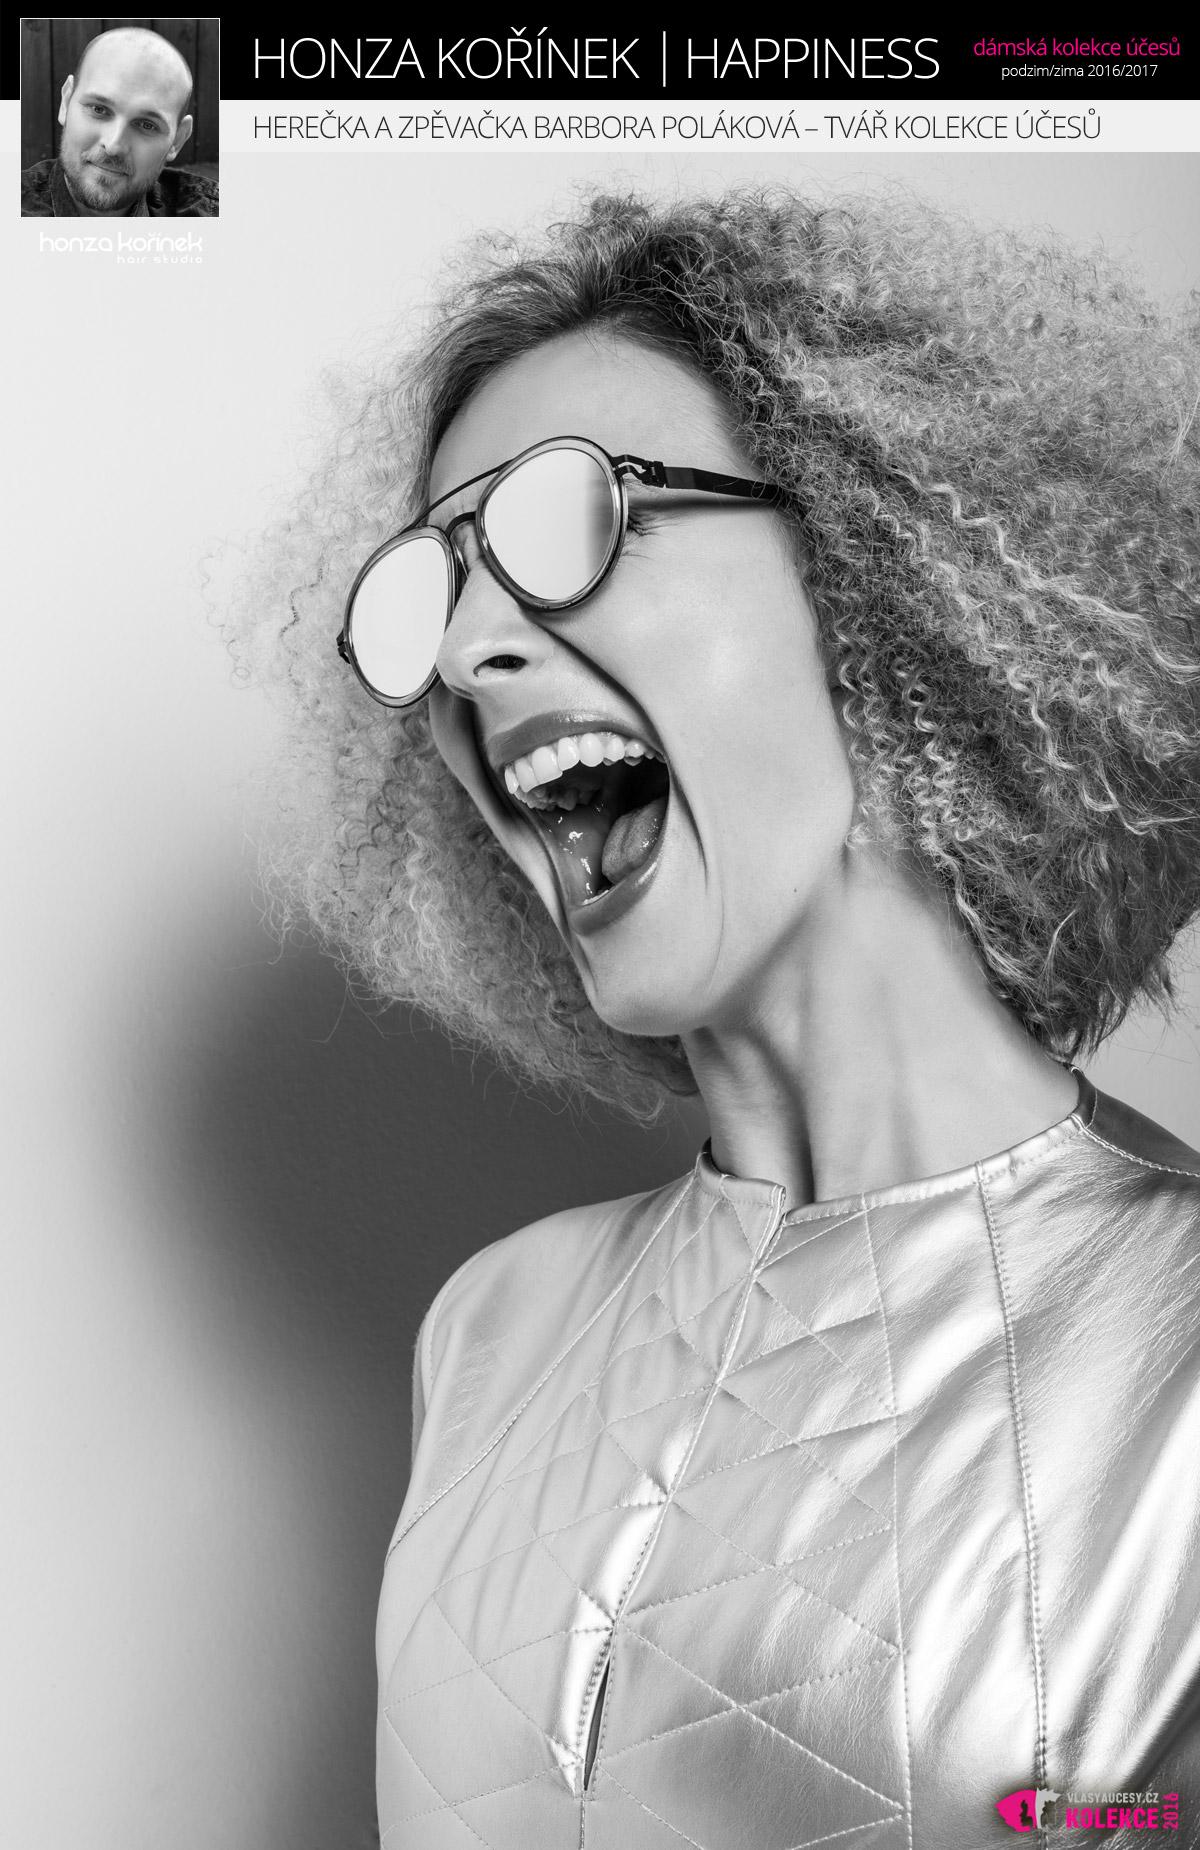 Herečka a zpěvačka Barbora Poláková, tvář kolekce Happiness by Honza Kořínek